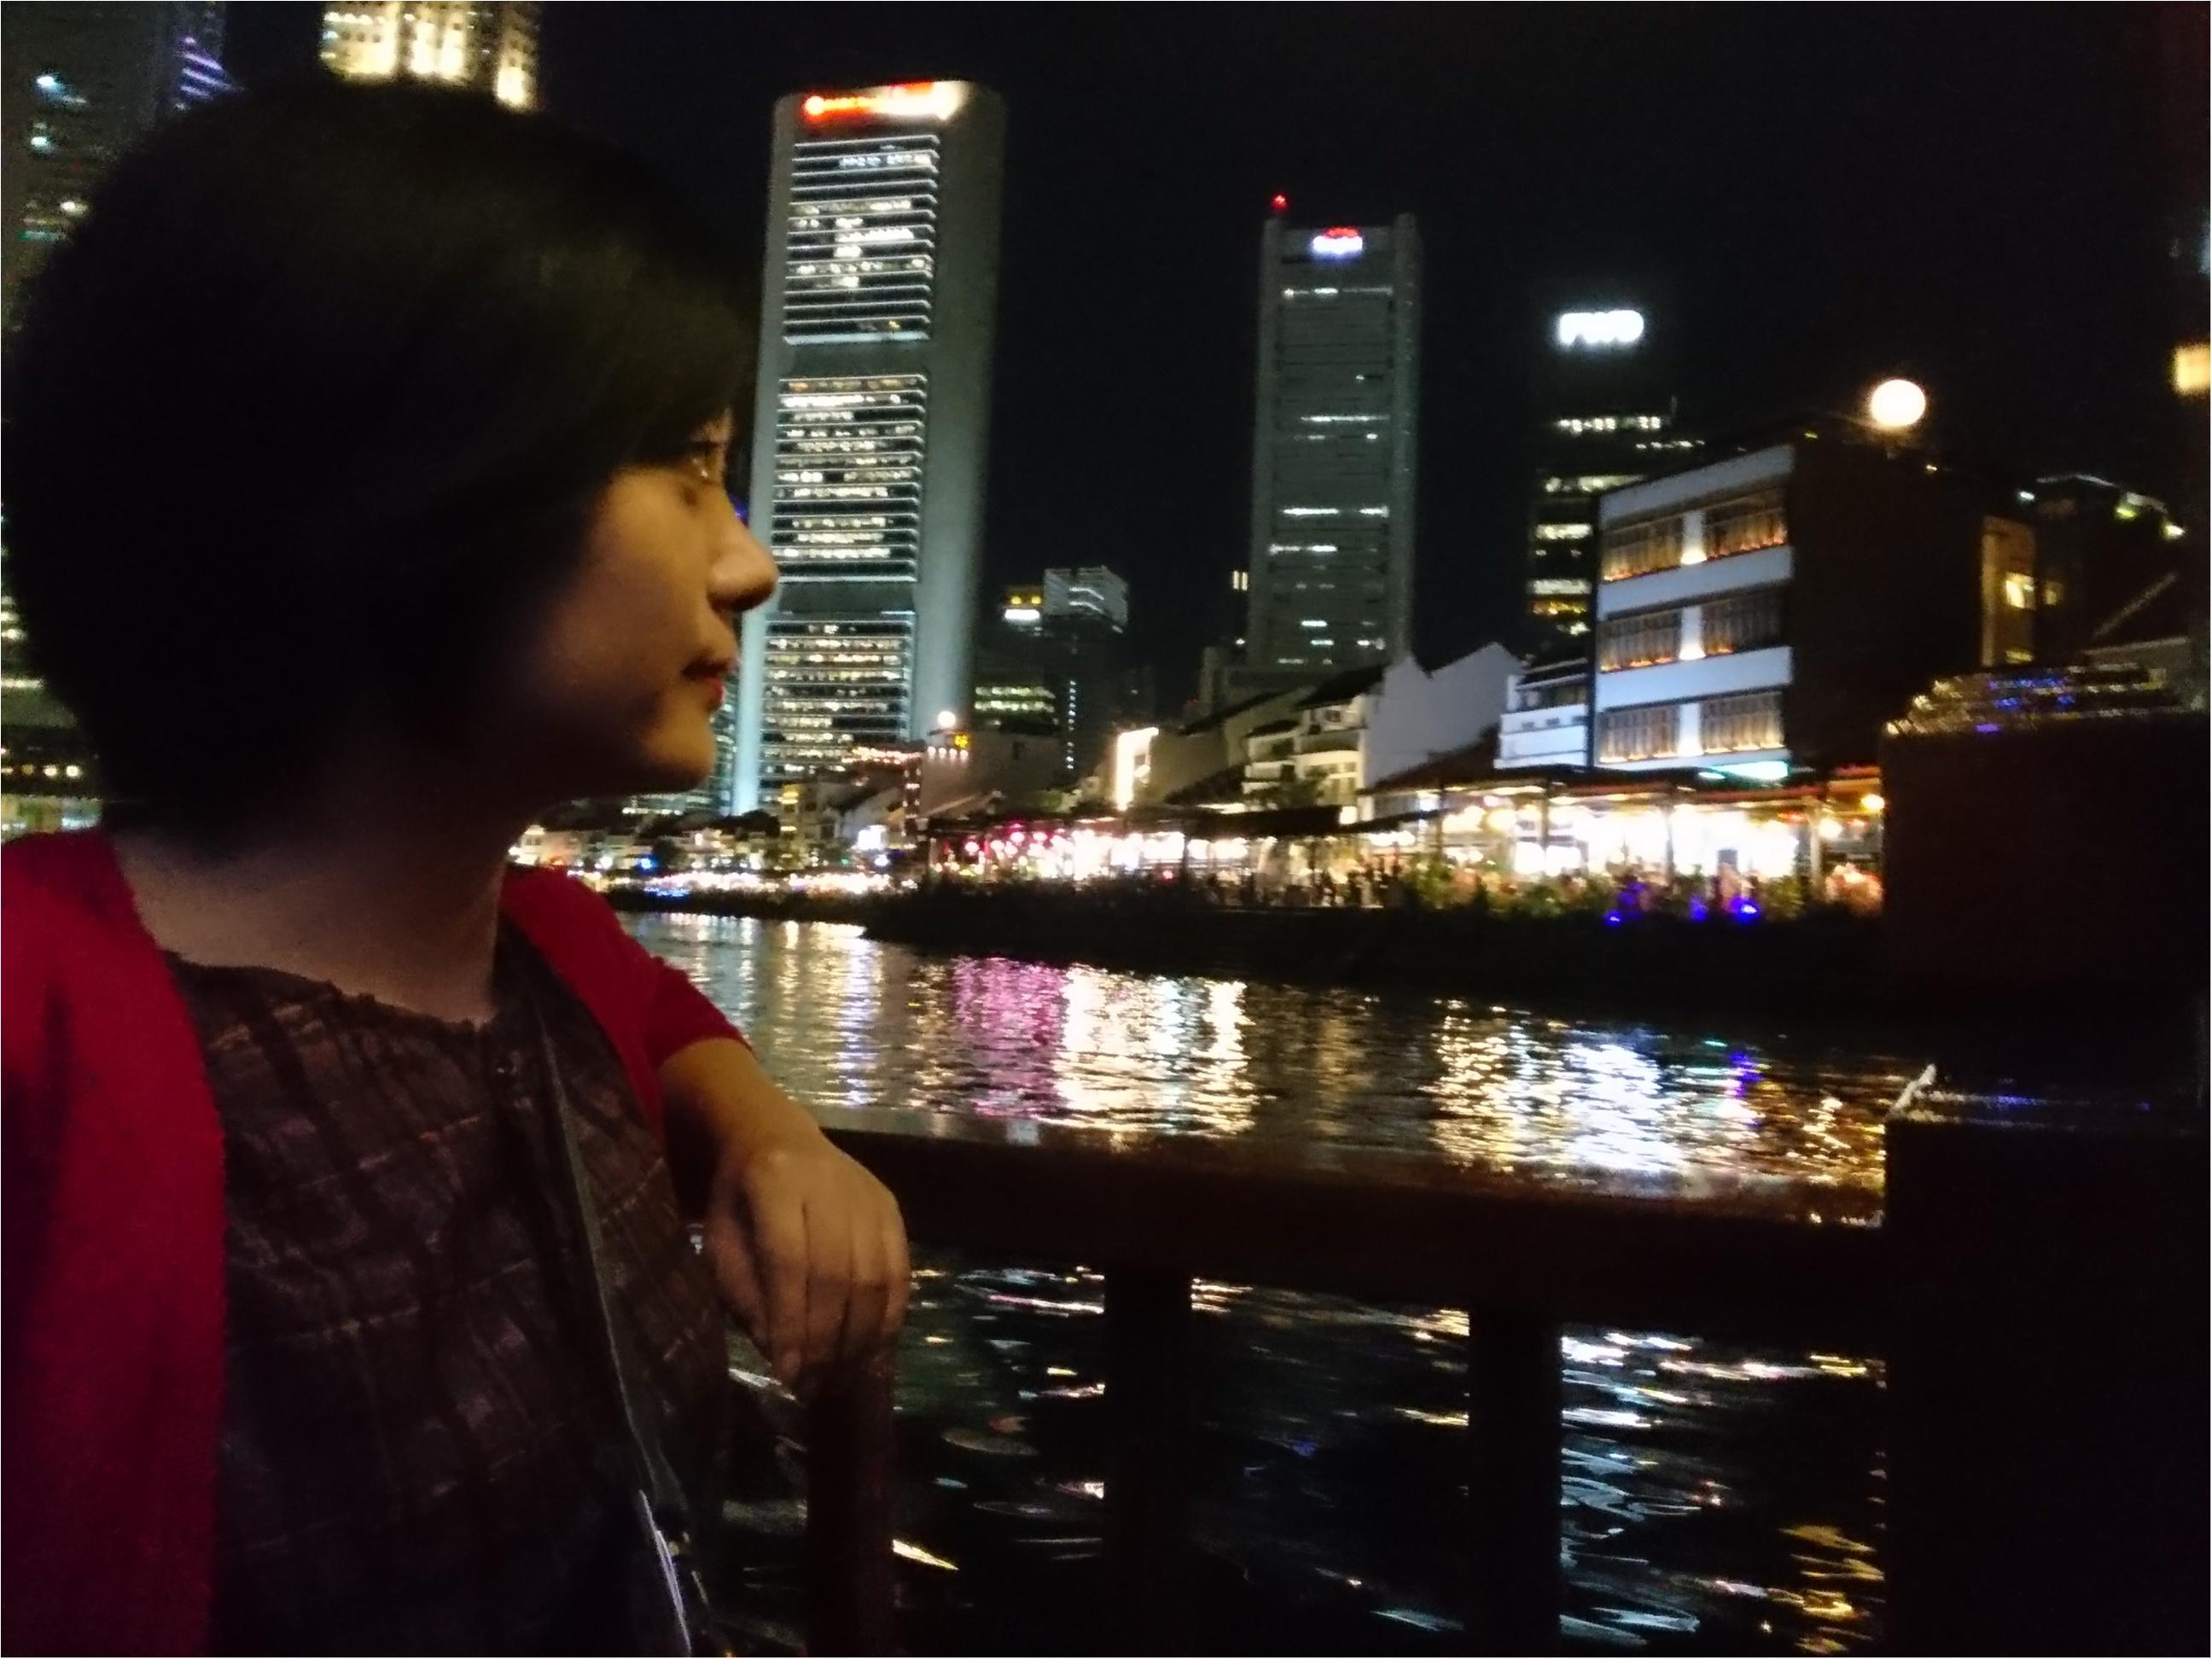 シンガポール女子旅特集 - 人気のマリーナベイ・サンズなどインスタ映えスポット、おいしいグルメがいっぱい♪_45